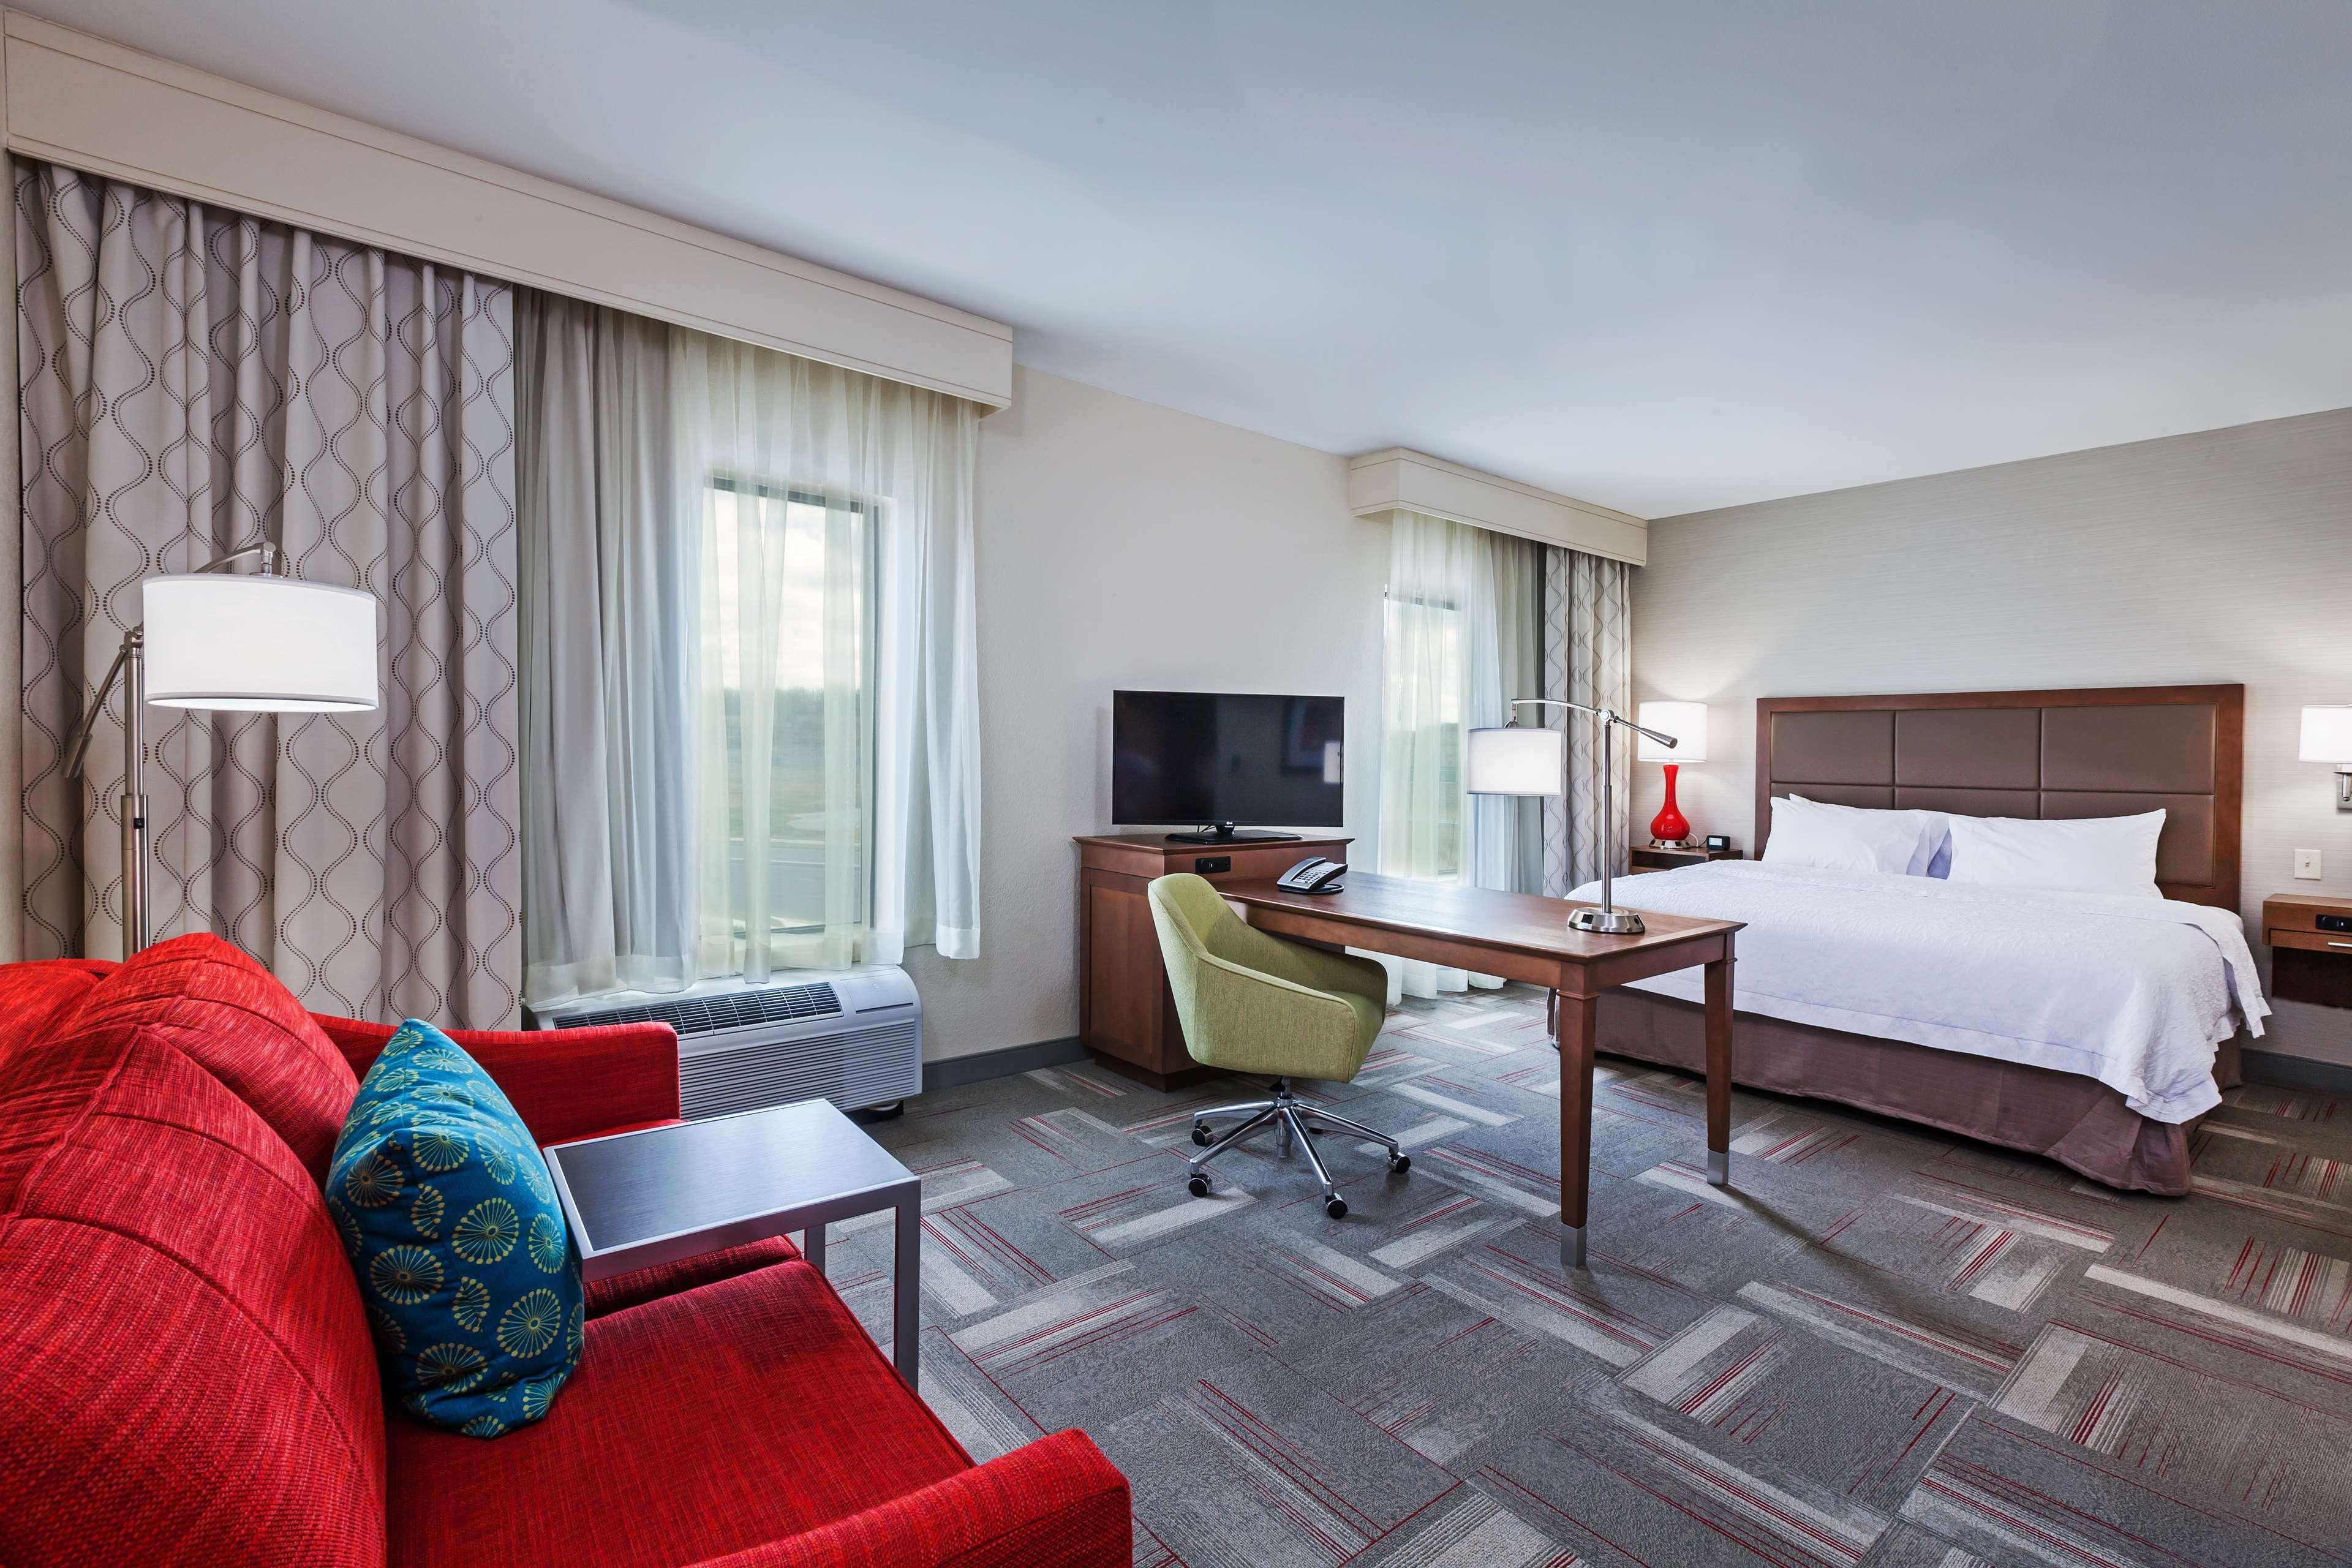 Hampton Inn & Suites Claremore image 33